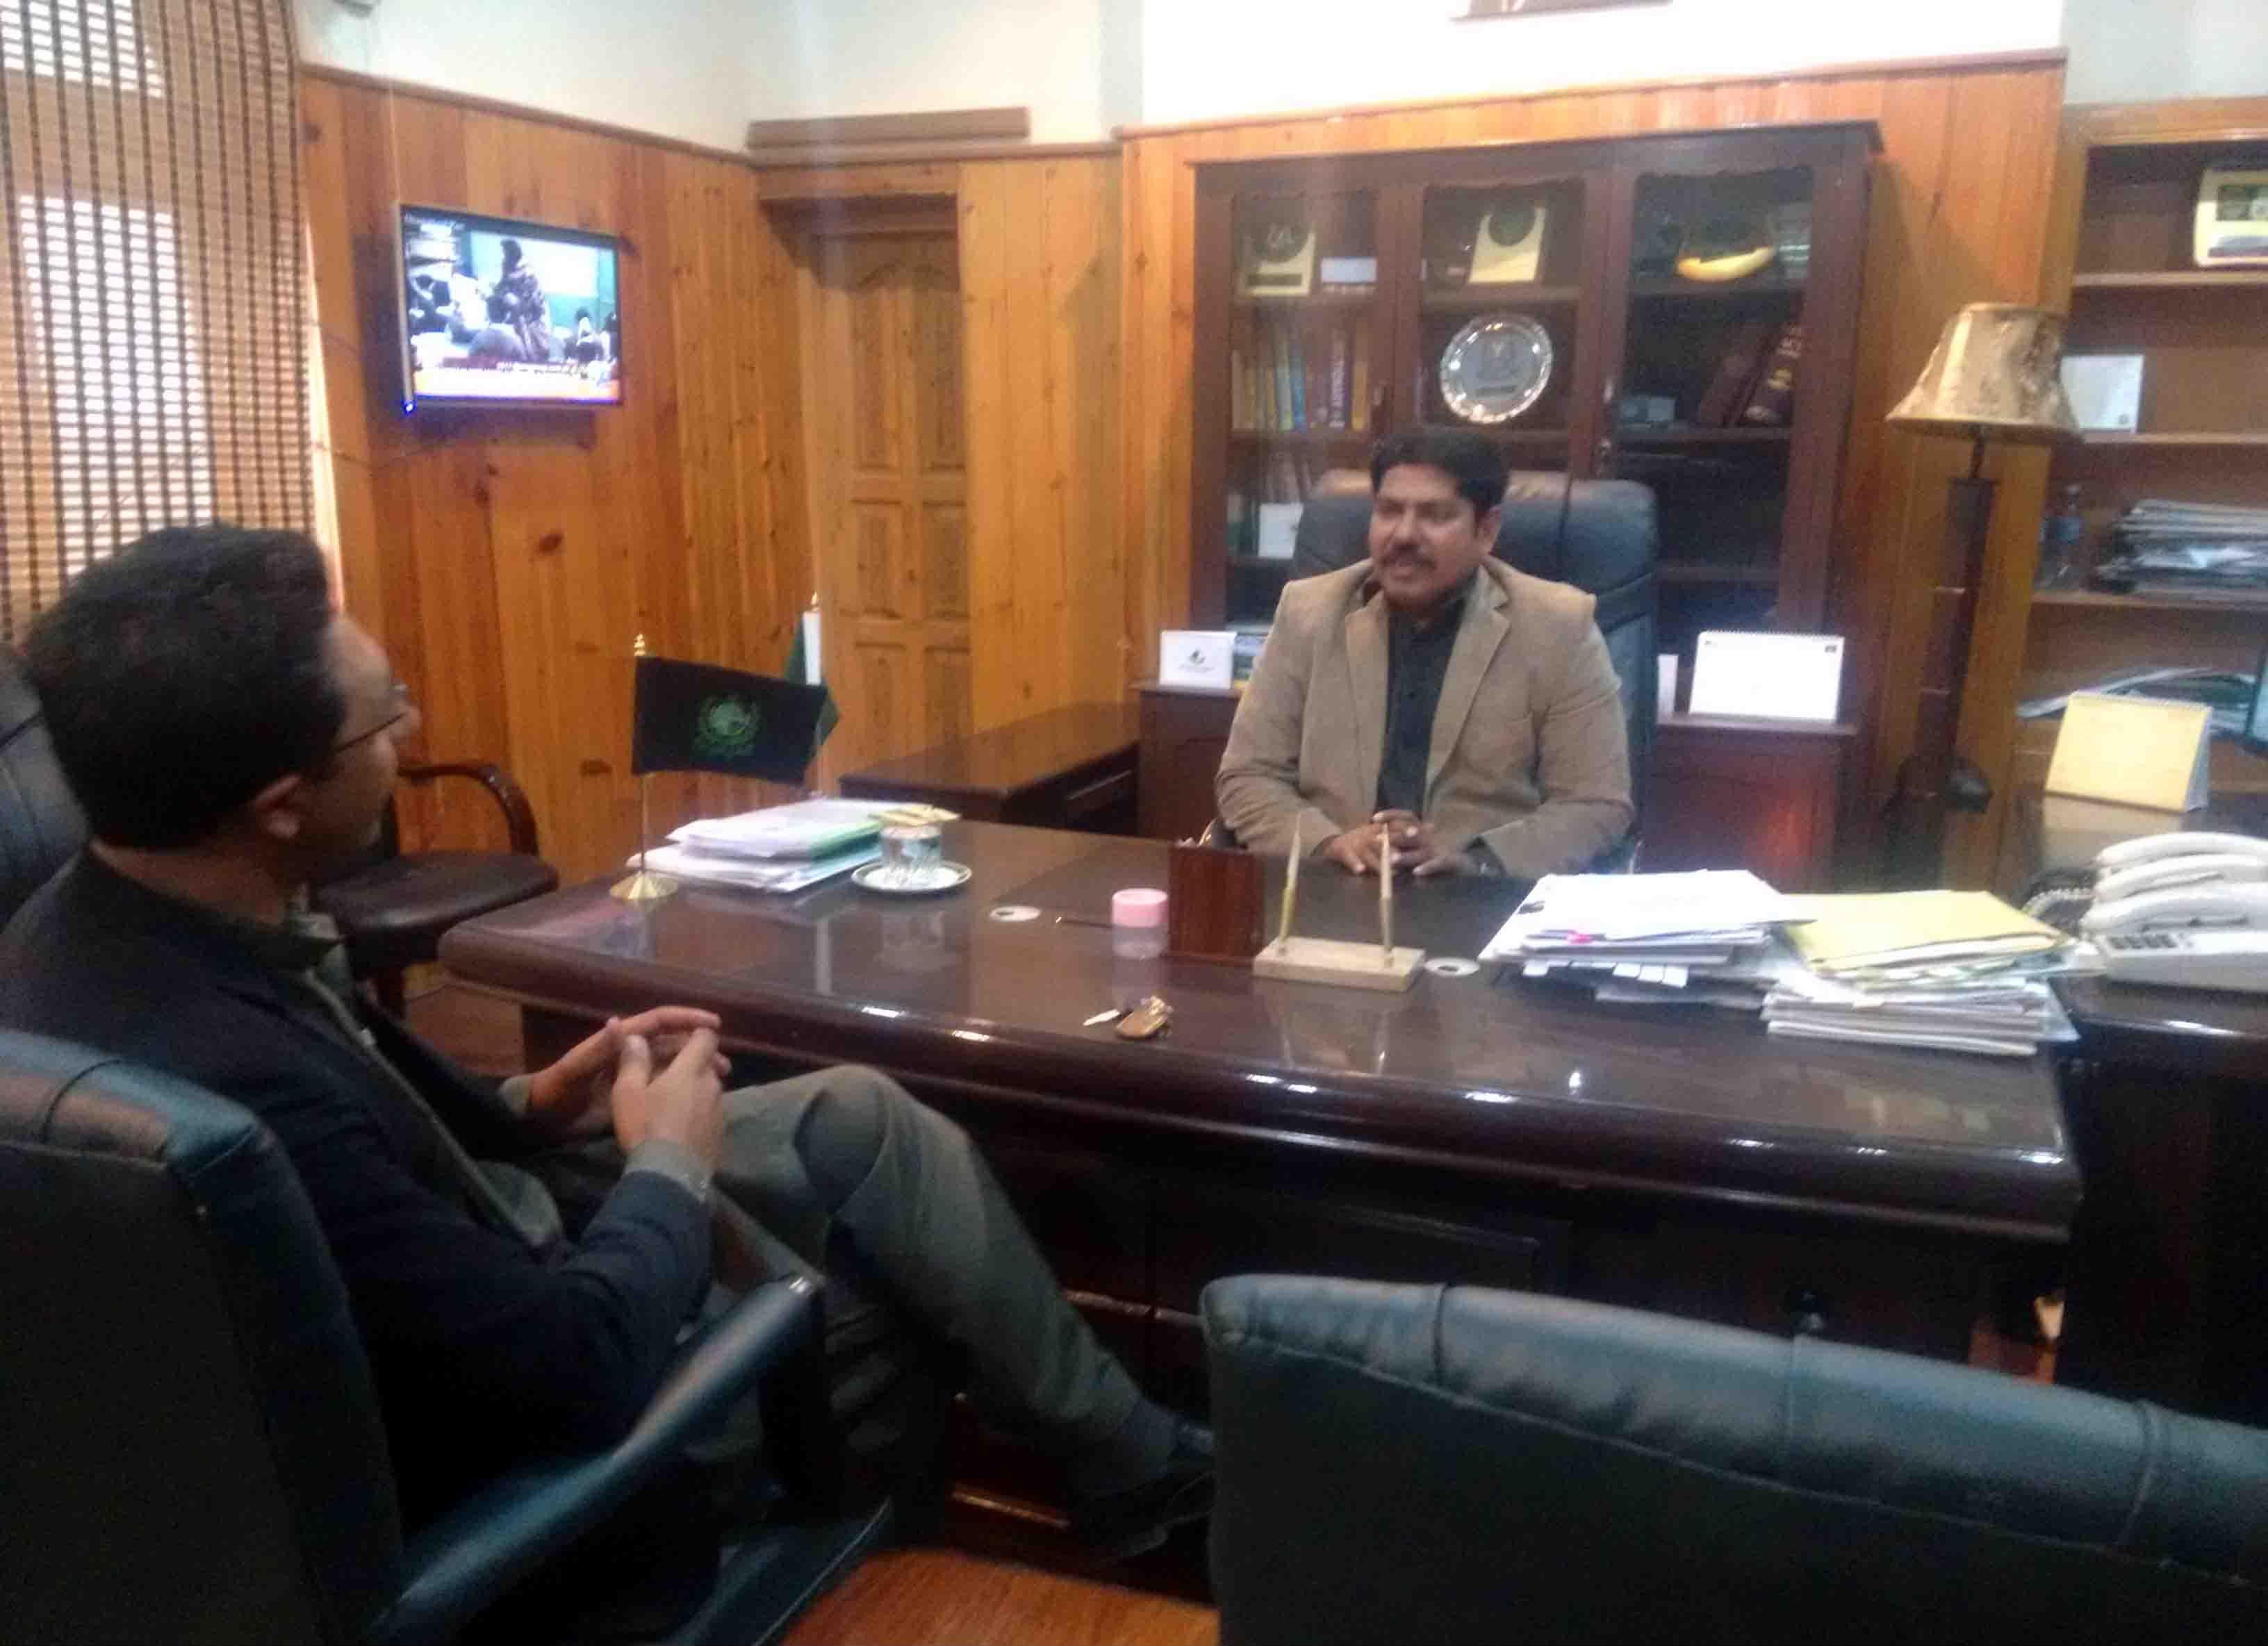 گلگت بلتستان کے کچھ اضلاع میں سیکورٹی تھریٹ کی وجہ سے سیکورٹی کے انتظامات کو مزید سخت کردیا ہے۔ہوم سیکرٹری گلگت بلتستان